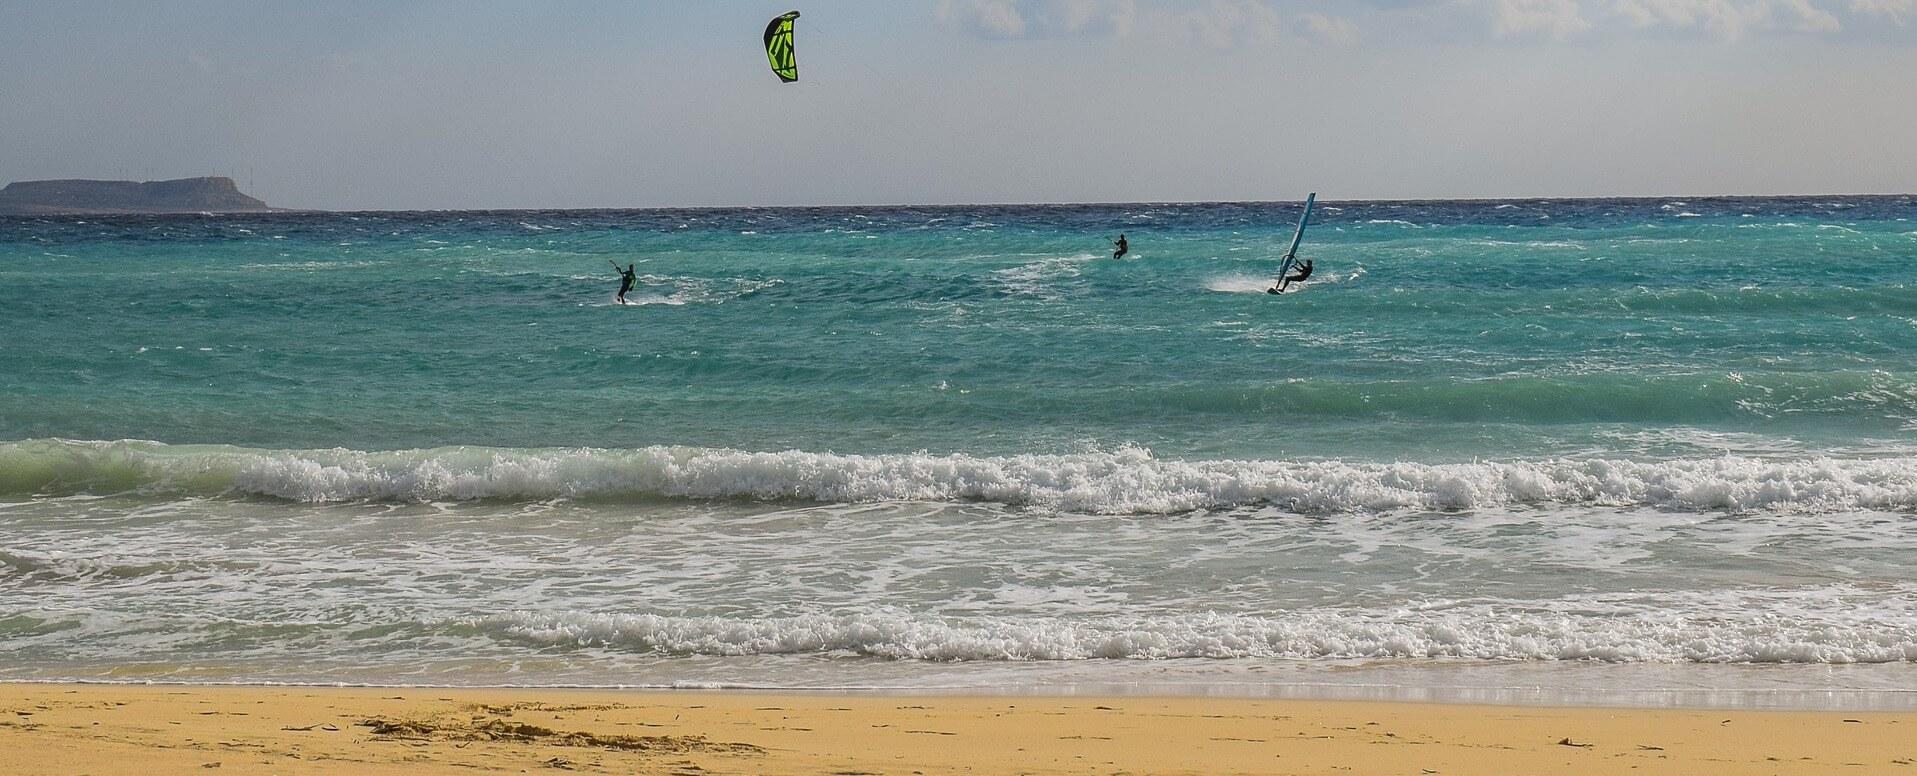 Découvrez les différents sports aquatiques disponibles sur l'Île de Ré - Île de Ré